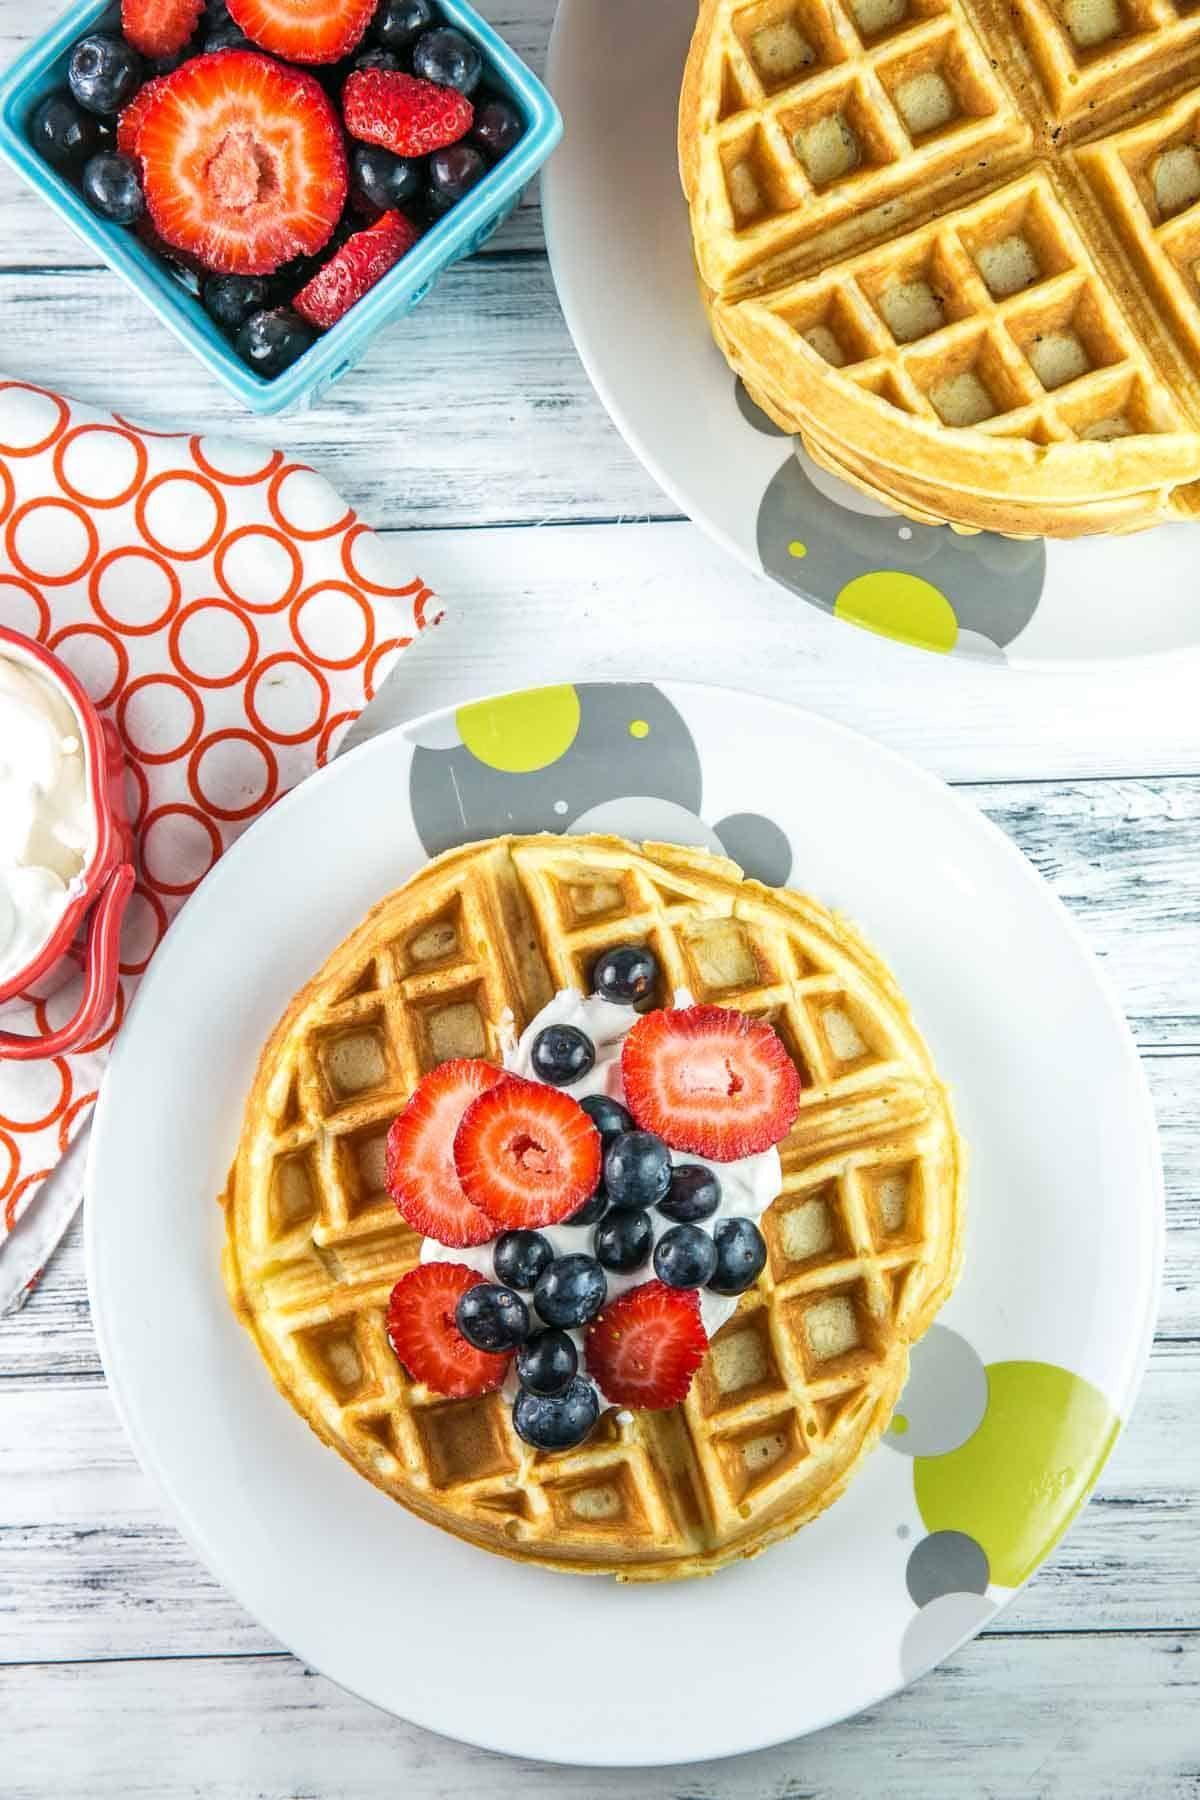 Best Belgian Waffle Recipe Recipe In 2020 Belgian Waffles Best Belgian Waffle Recipe Waffles